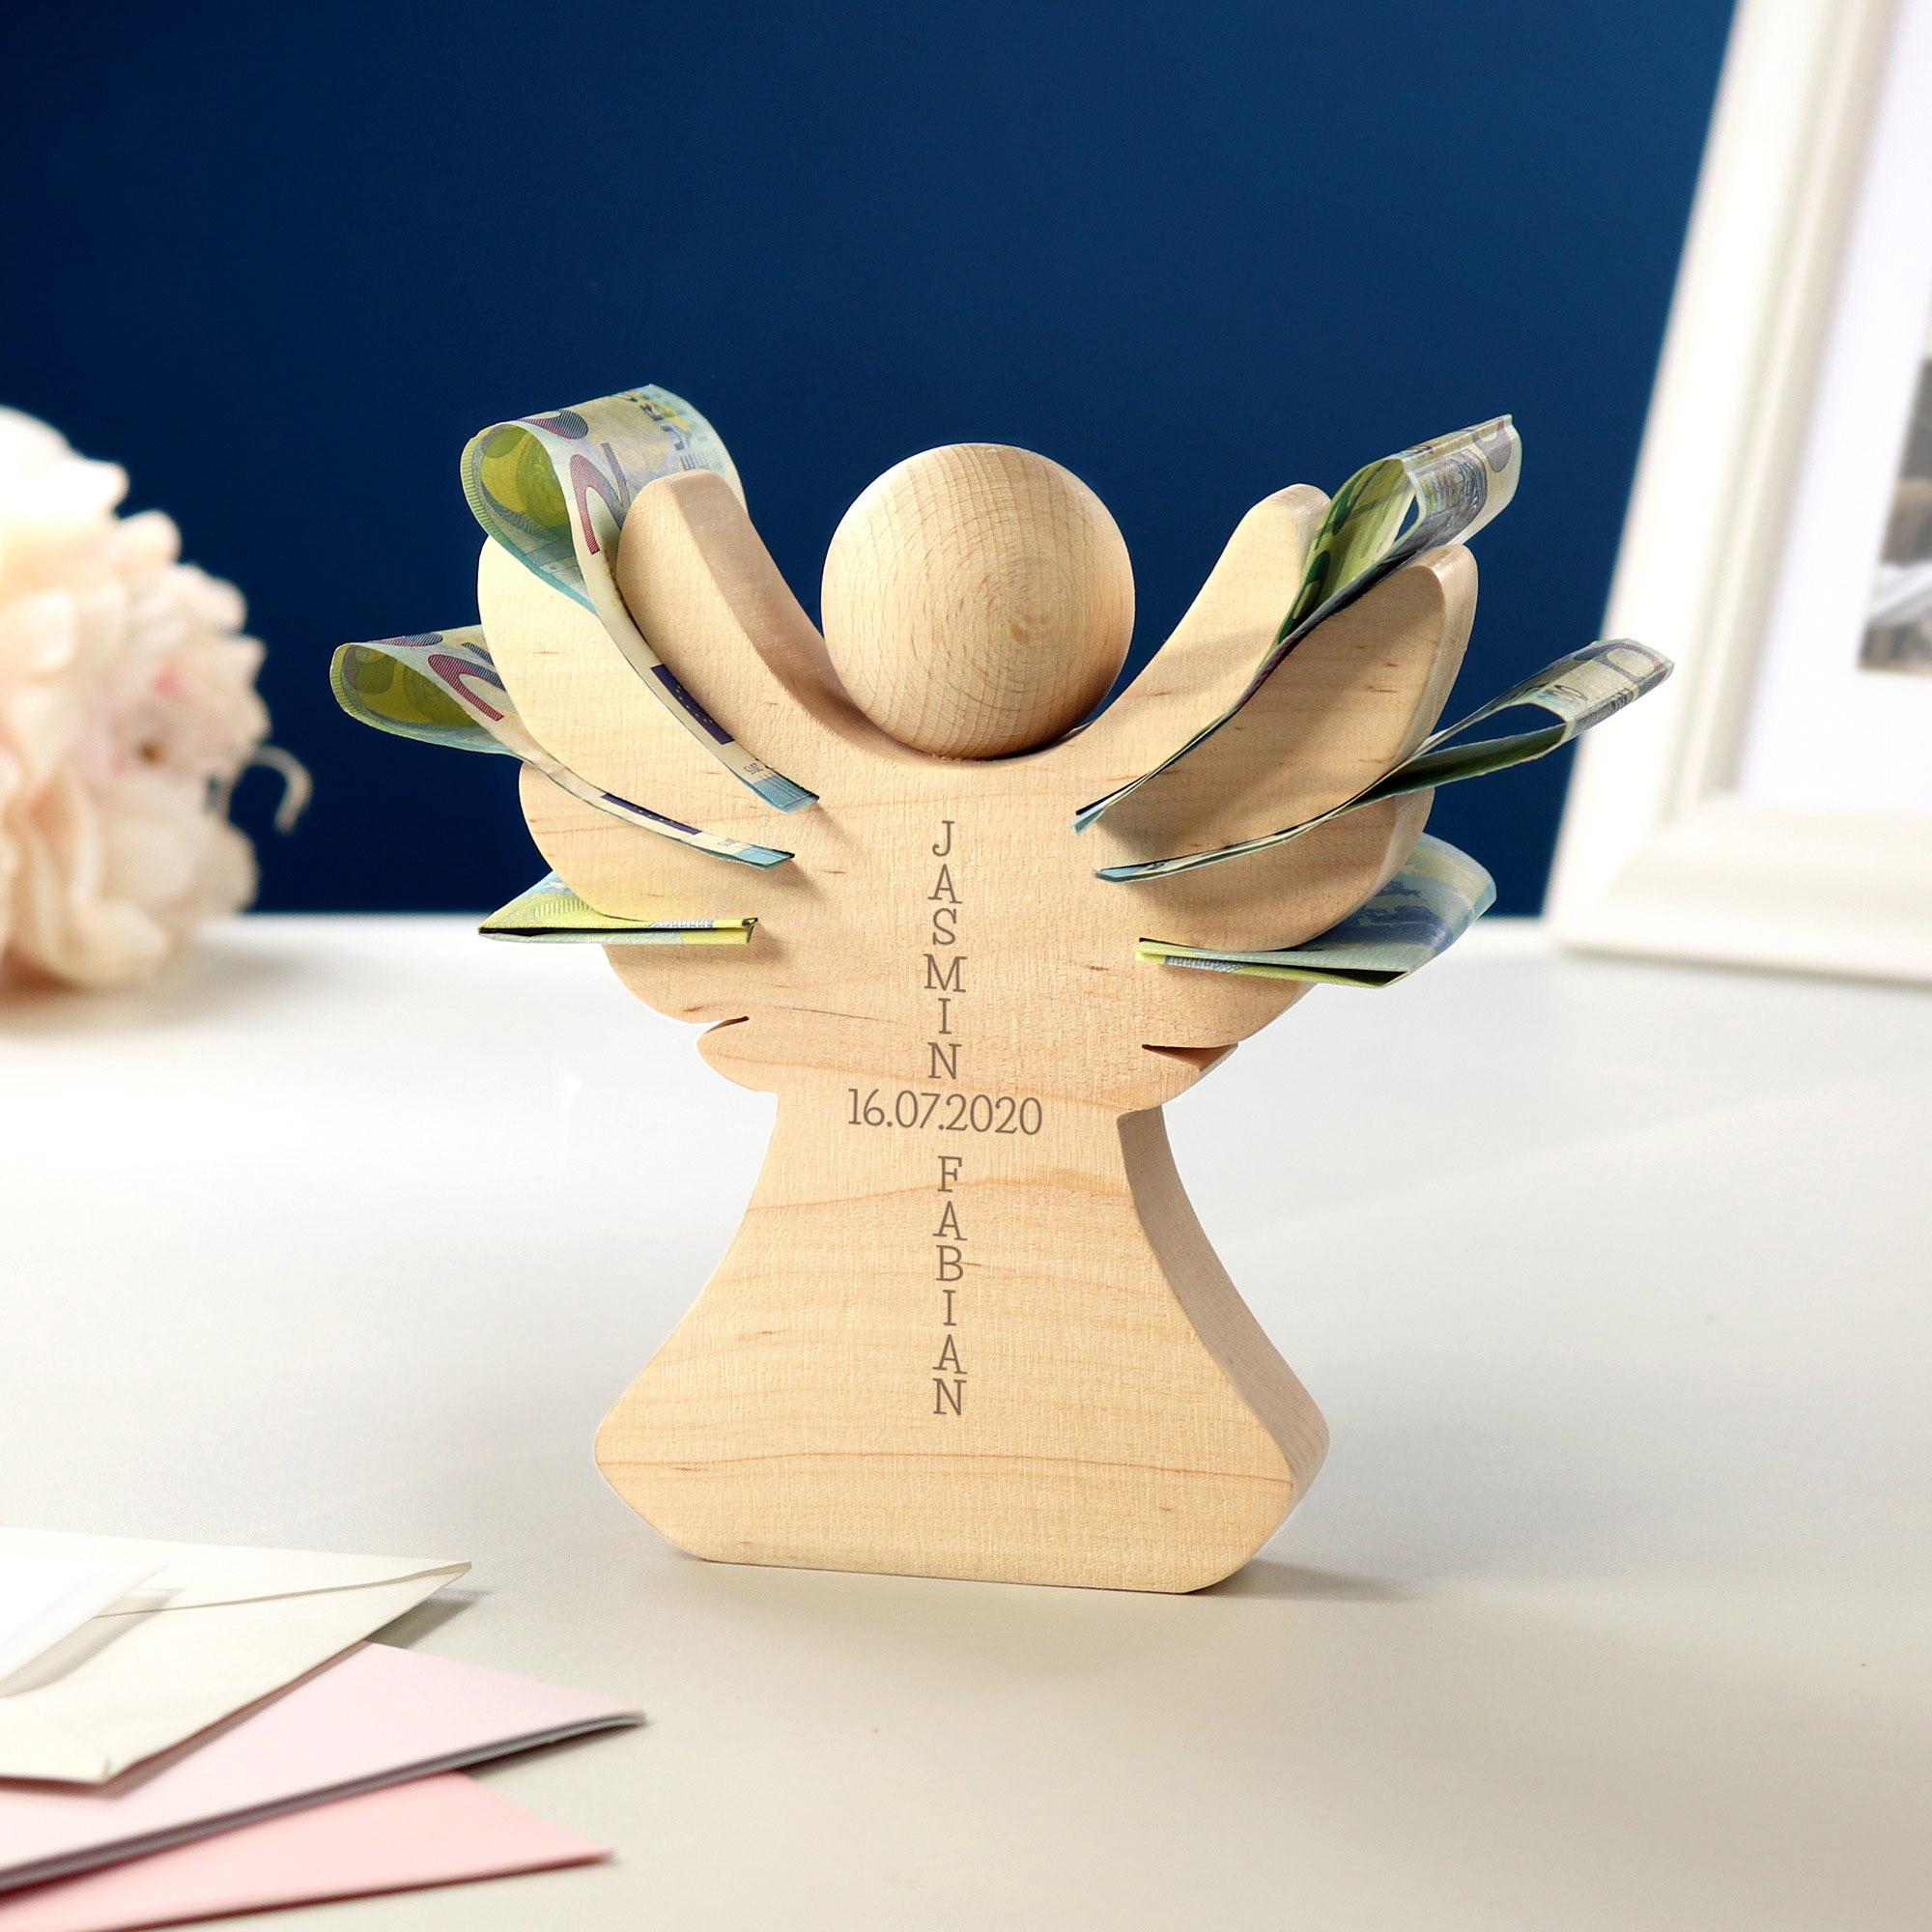 Engel aus Holz mit Gravur zur Hochzeit - Personalisiert